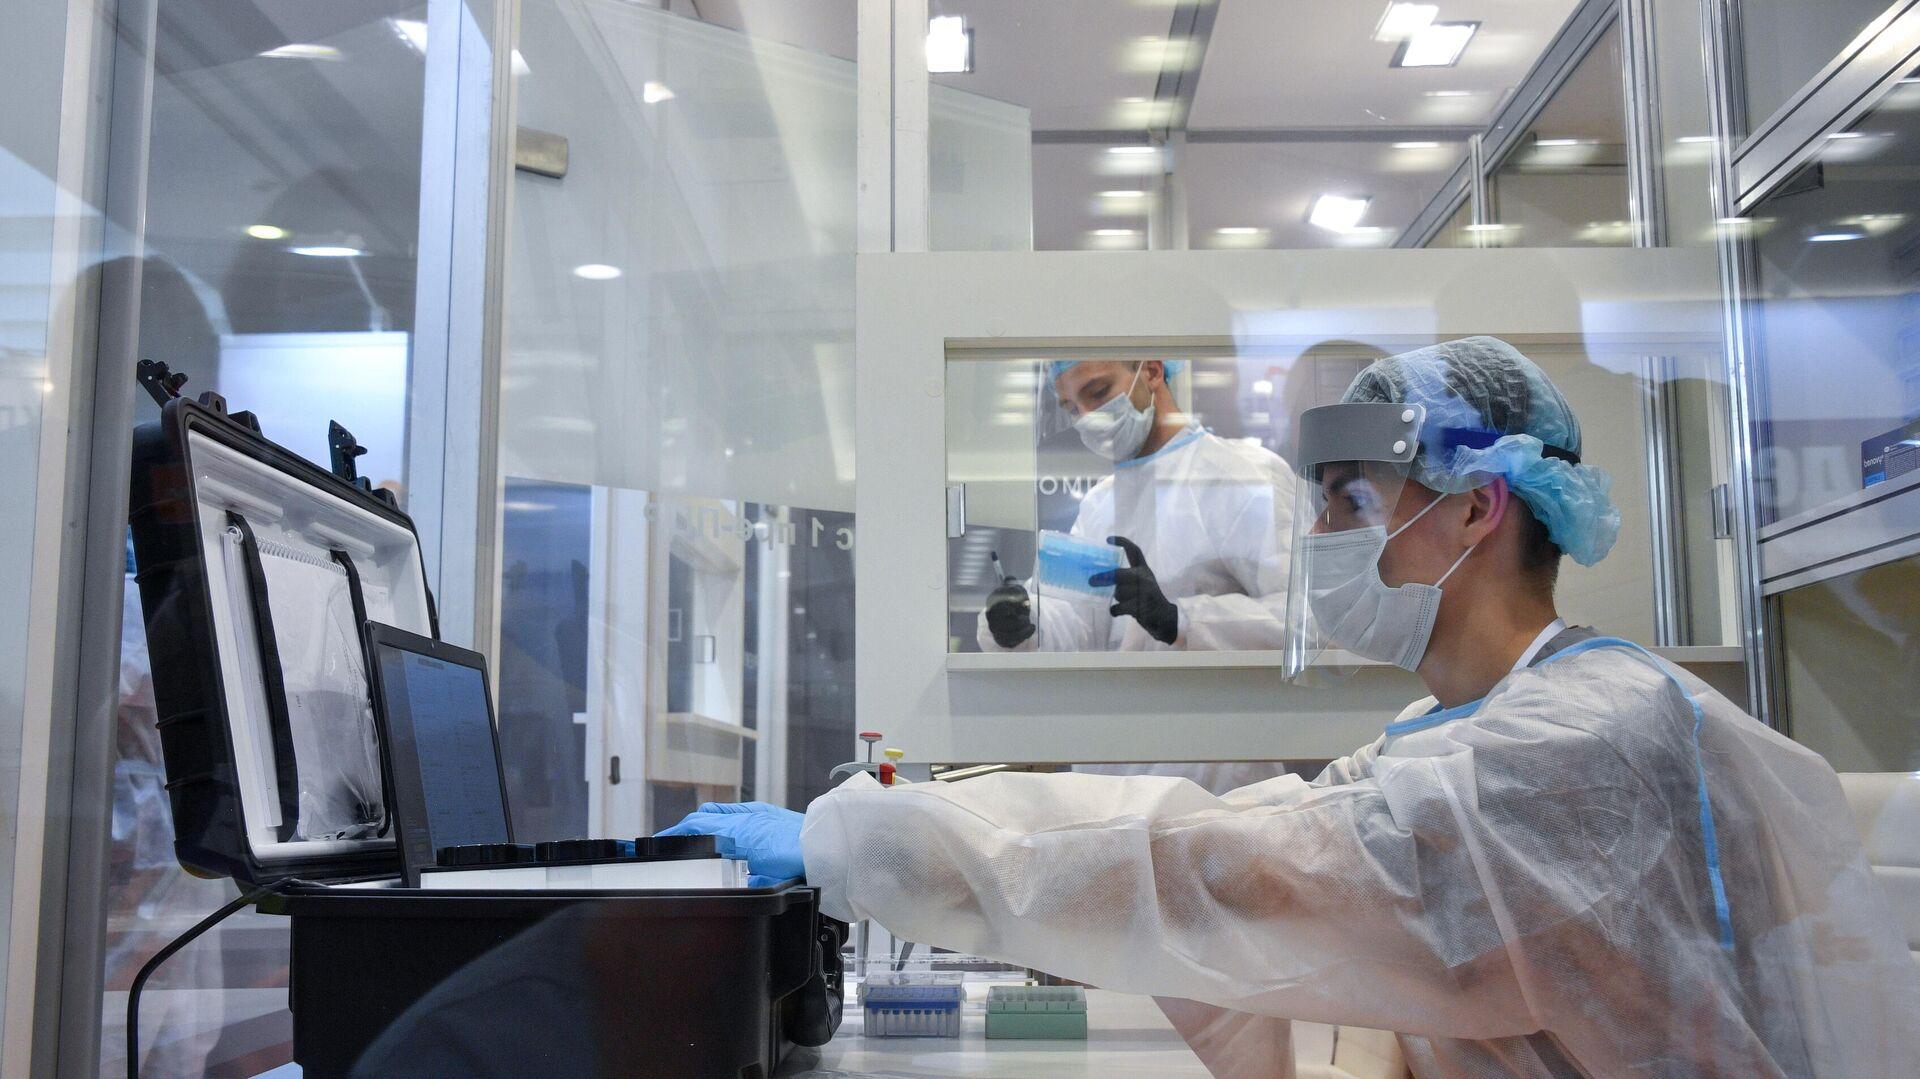 Медицинский работник в павильоне компании Эвотэк-Мирай Геномикс на выставке в рамках XXVI Всероссийской конференции Клиническая лаборатория : от анализа к диагнозу в Москве - РИА Новости, 1920, 20.05.2021